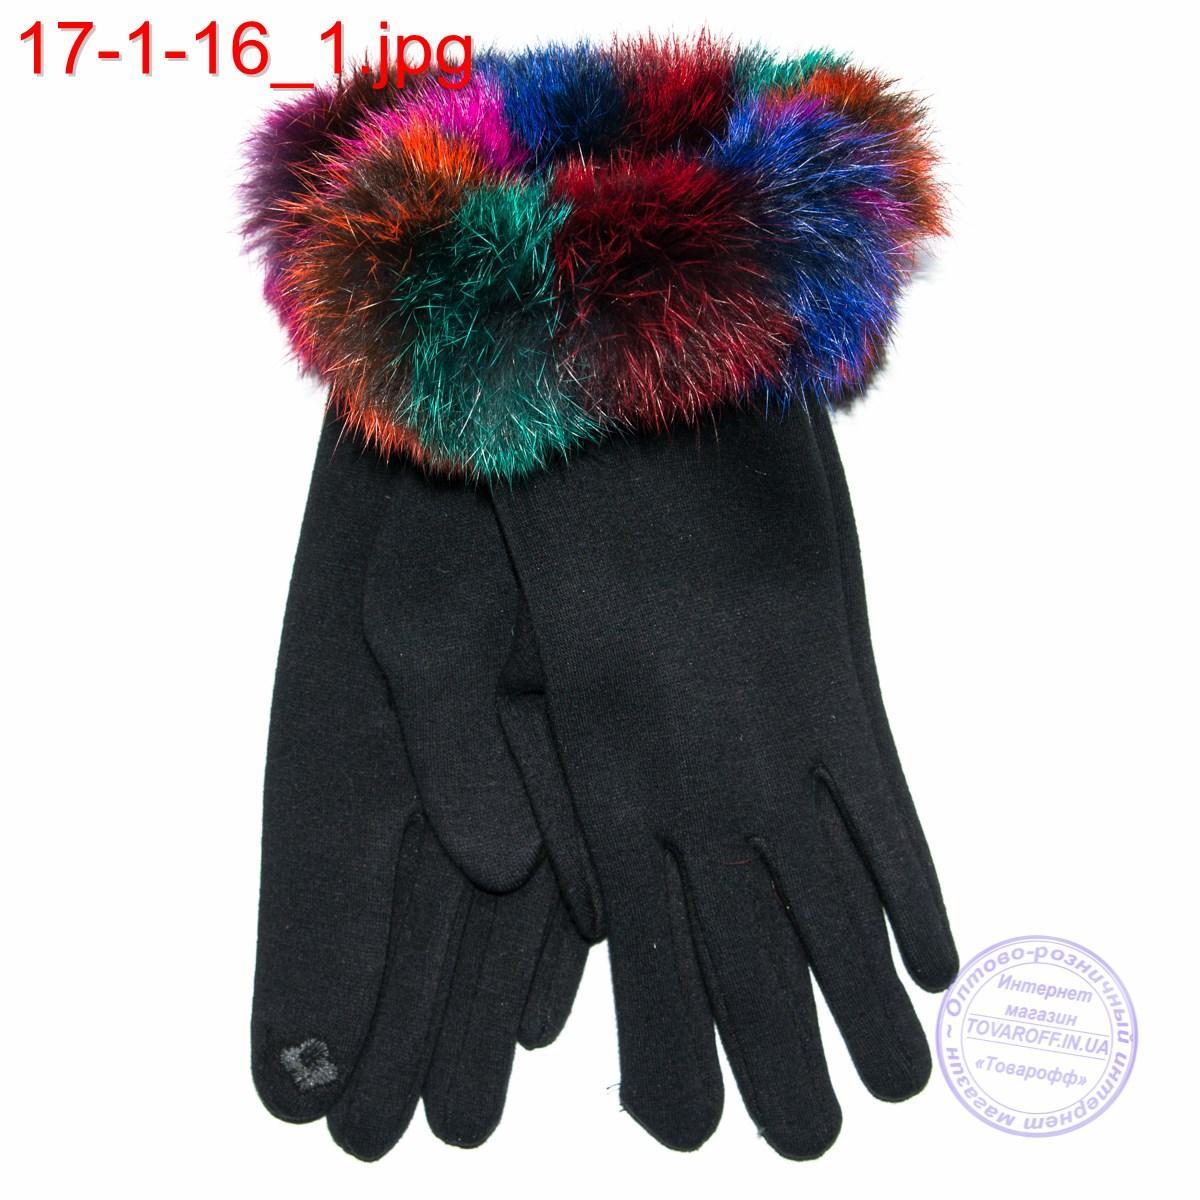 Оптом женские трикотажные стрейчевые перчатки для сенсорных телефонов с натуральным мехом - №17-1-16